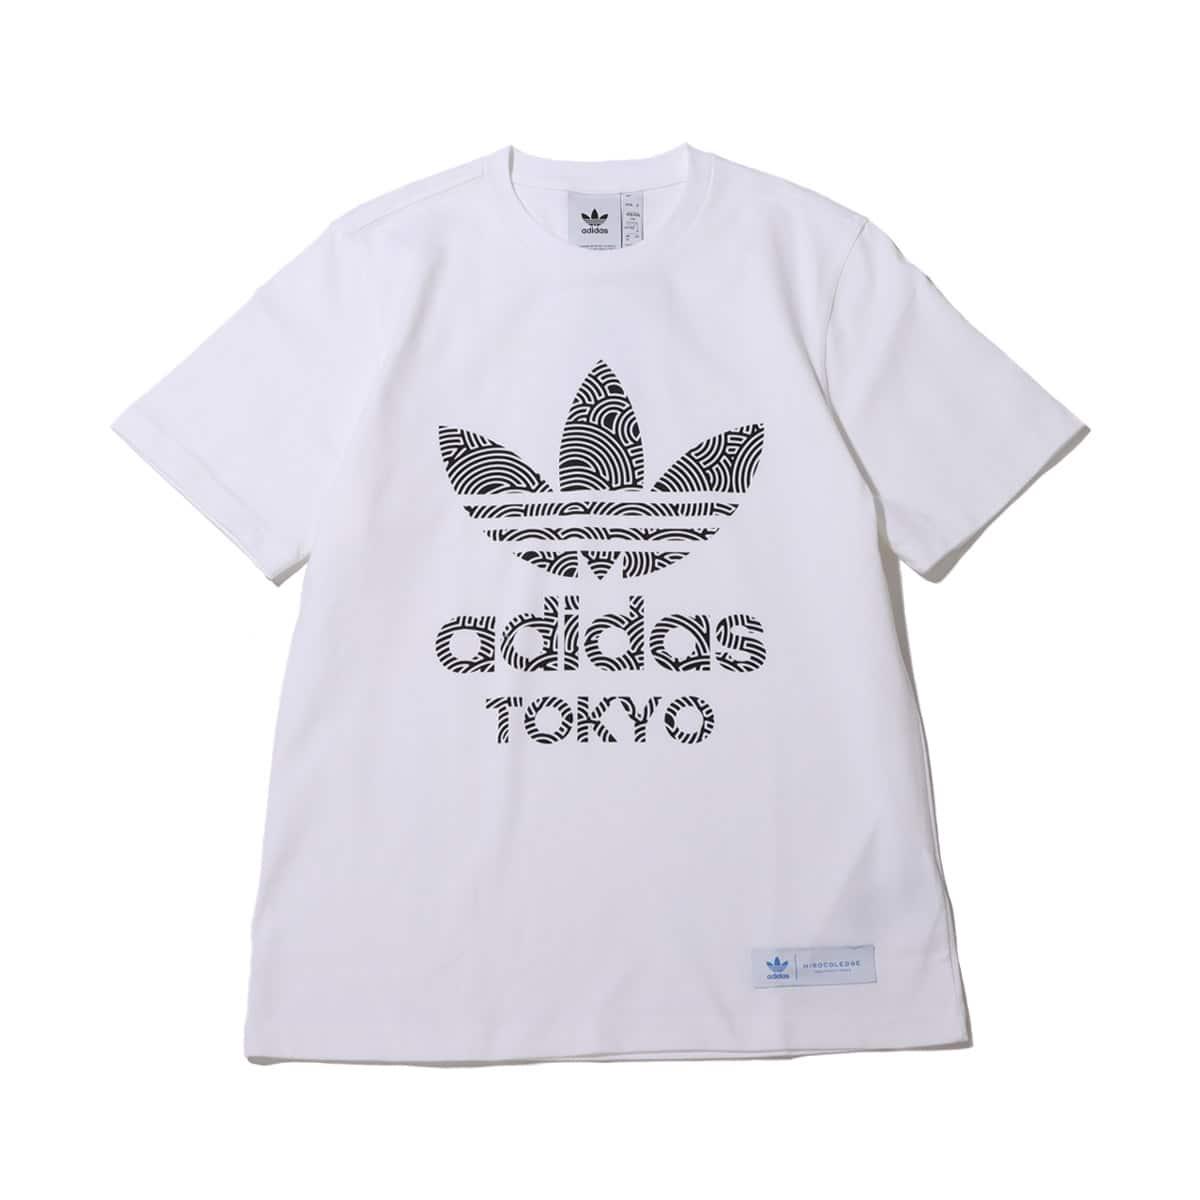 adidas HIROKO TAKAHASHI TREFOIL TOKYO TEE WHITE/BLACK 20FW-I_photo_large